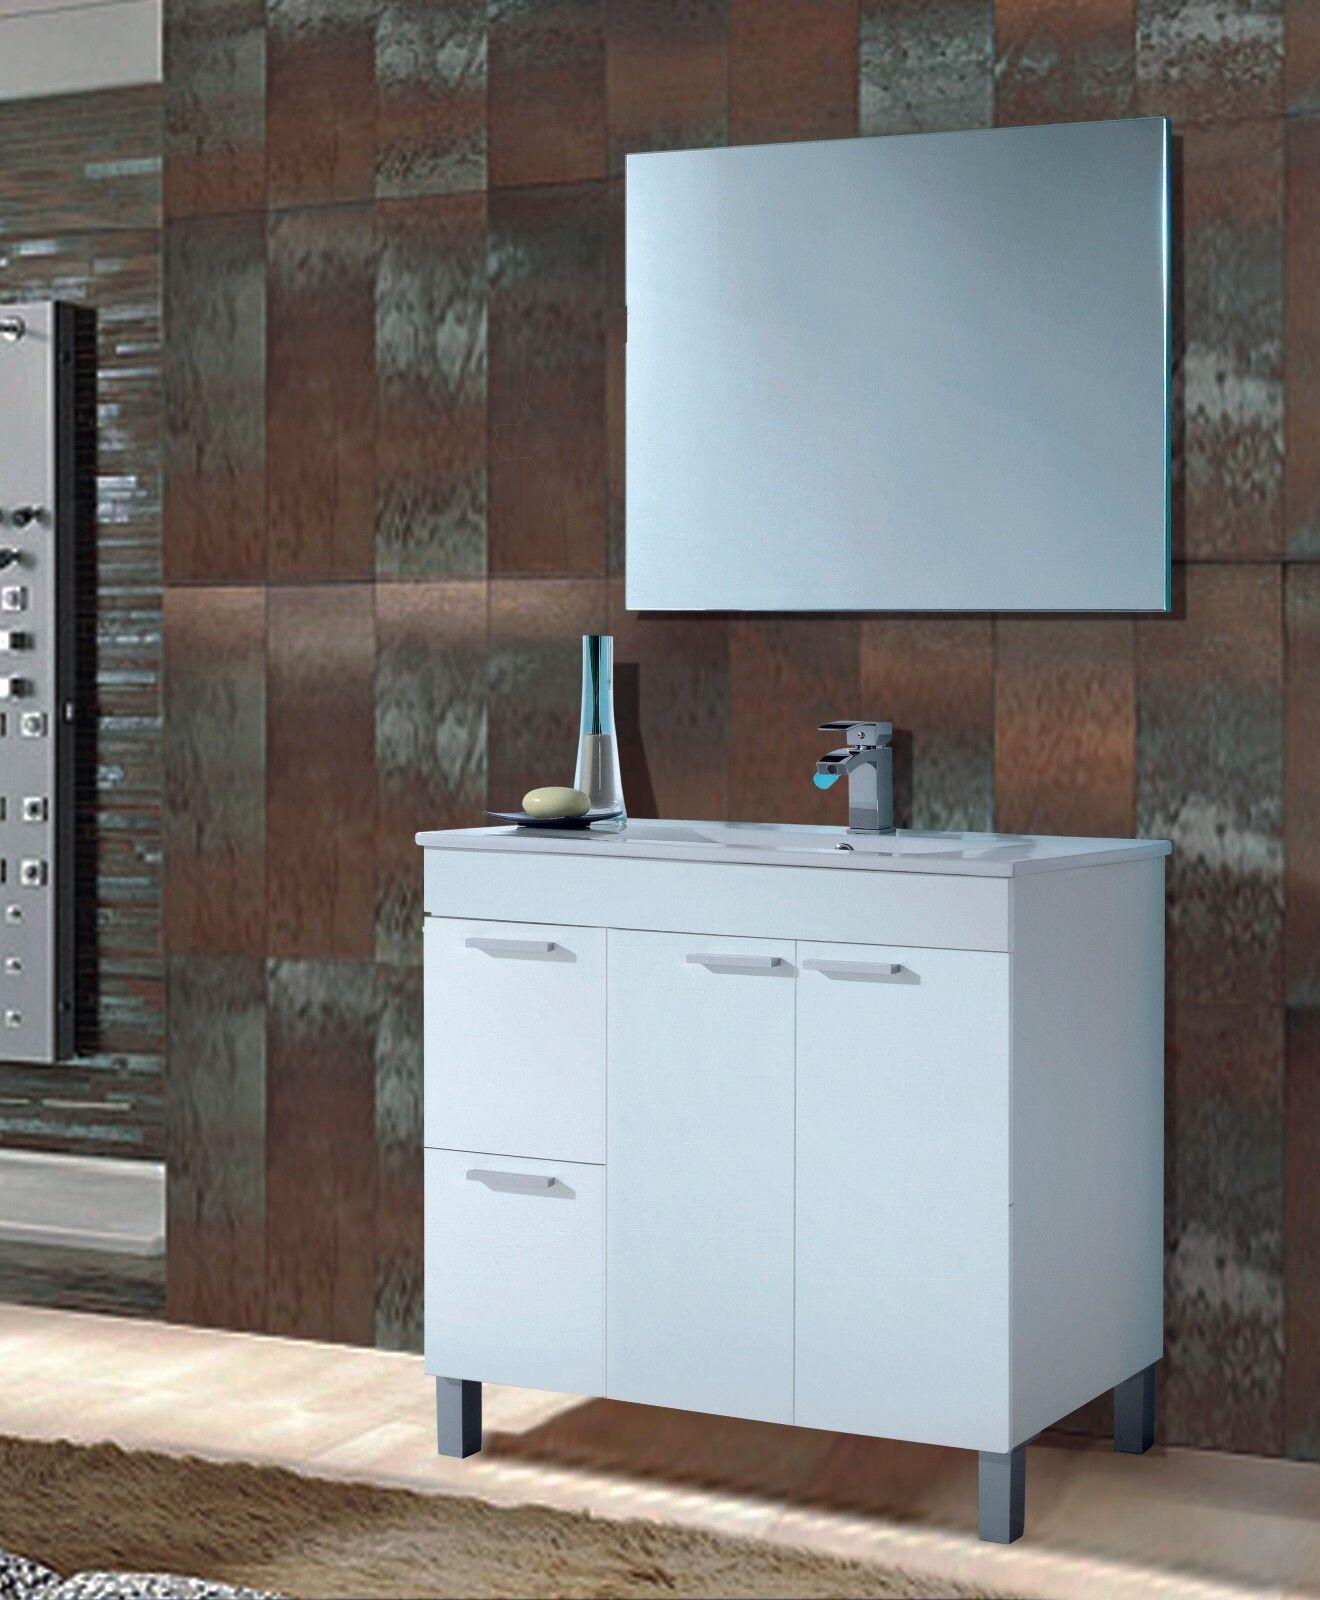 Mueble de baño con espejo y lavamanos PMMA, todo en blanco brillo...